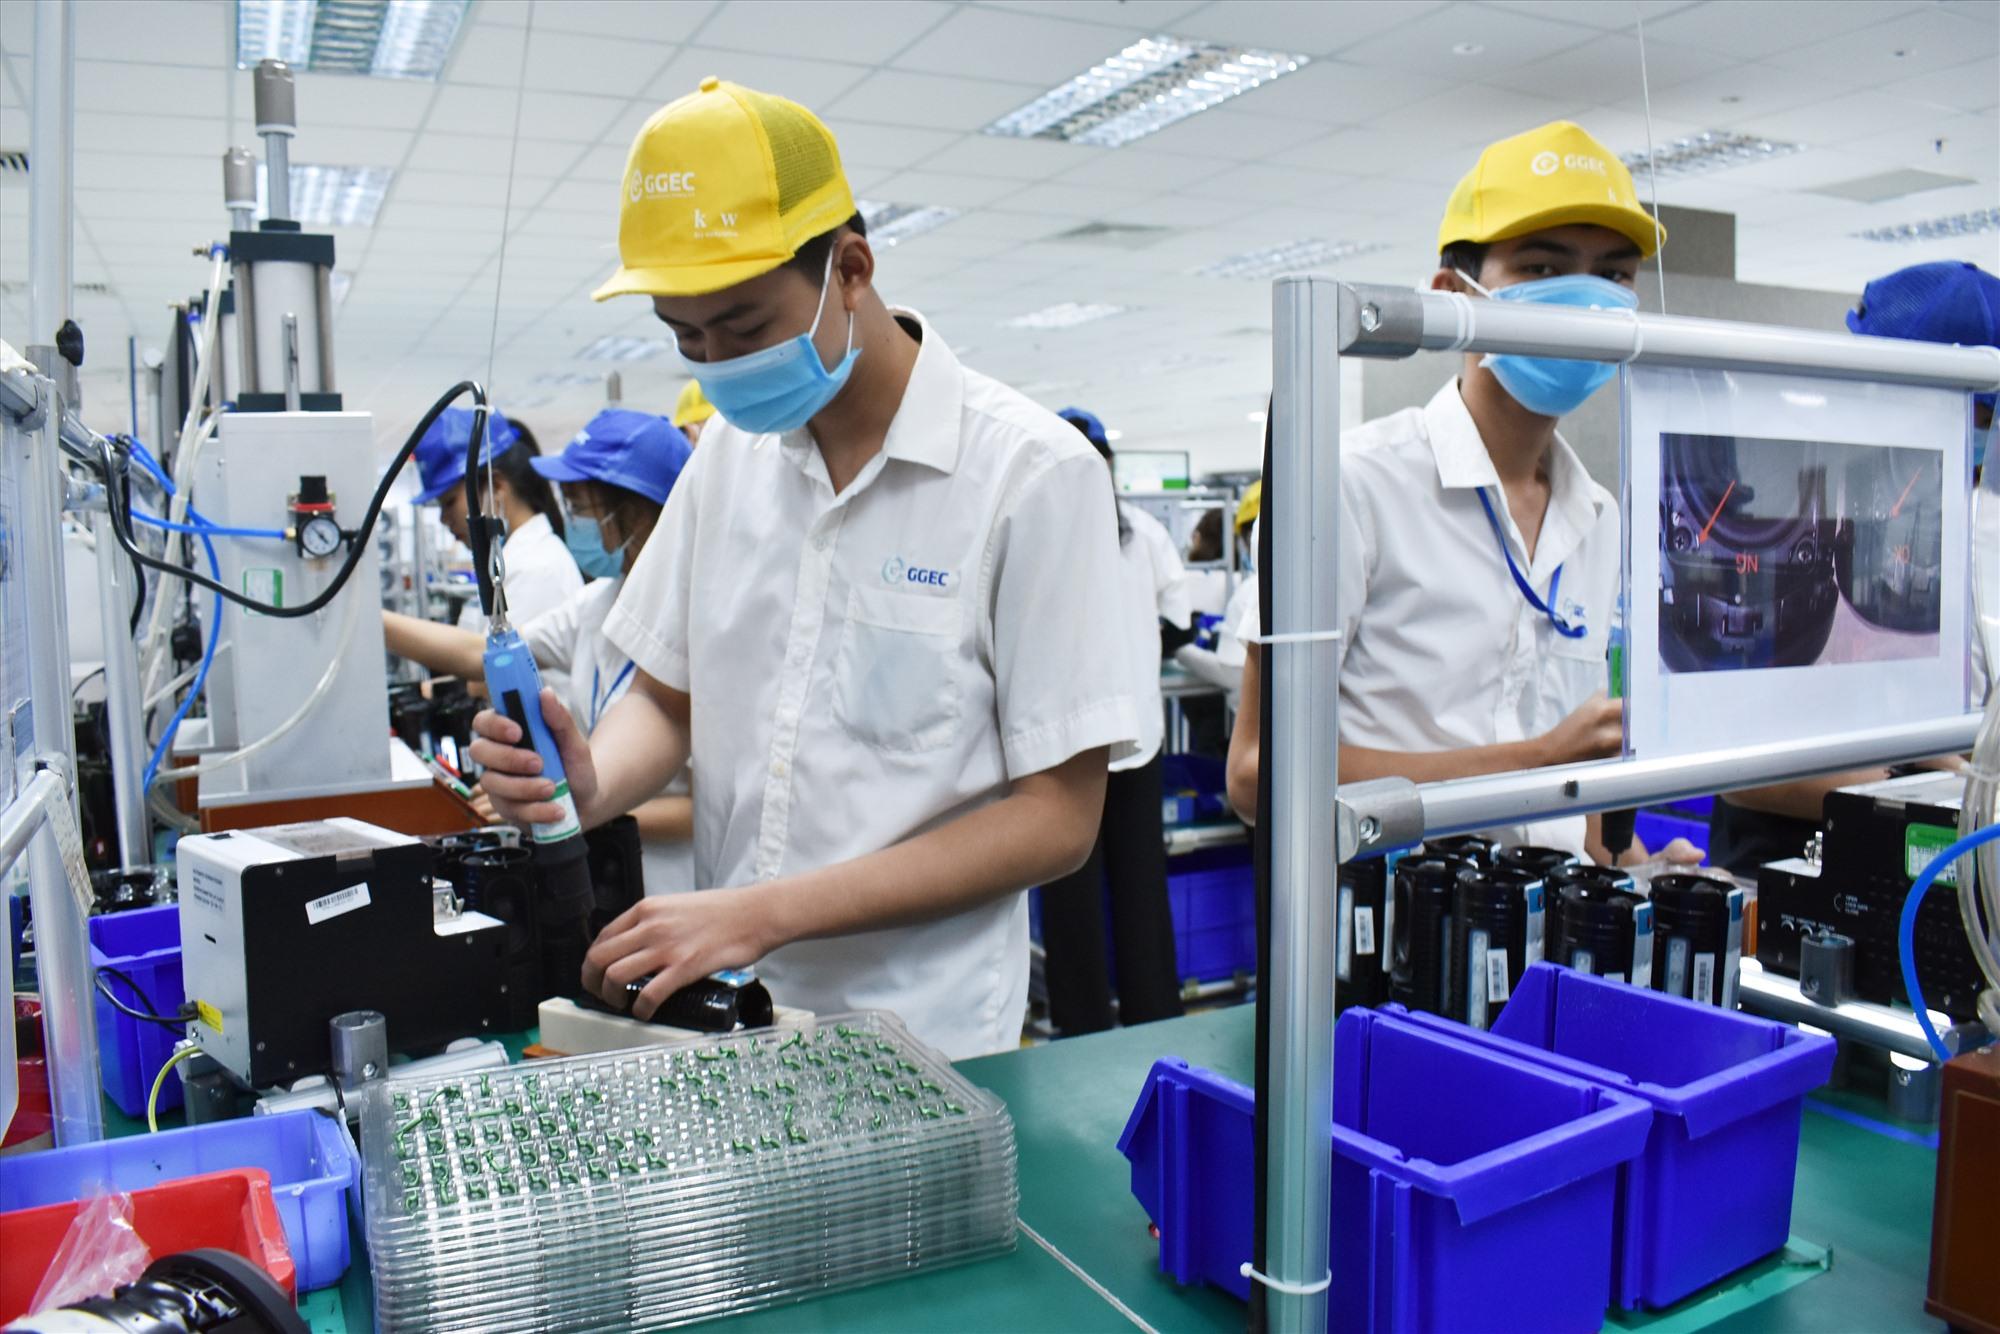 Hoạt động sản xuất, vận chuyển phục hồi giúp doanh nghiệp dần vượt qua những khó khăn do dịch bệnh gây ra. Ảnh: V.L